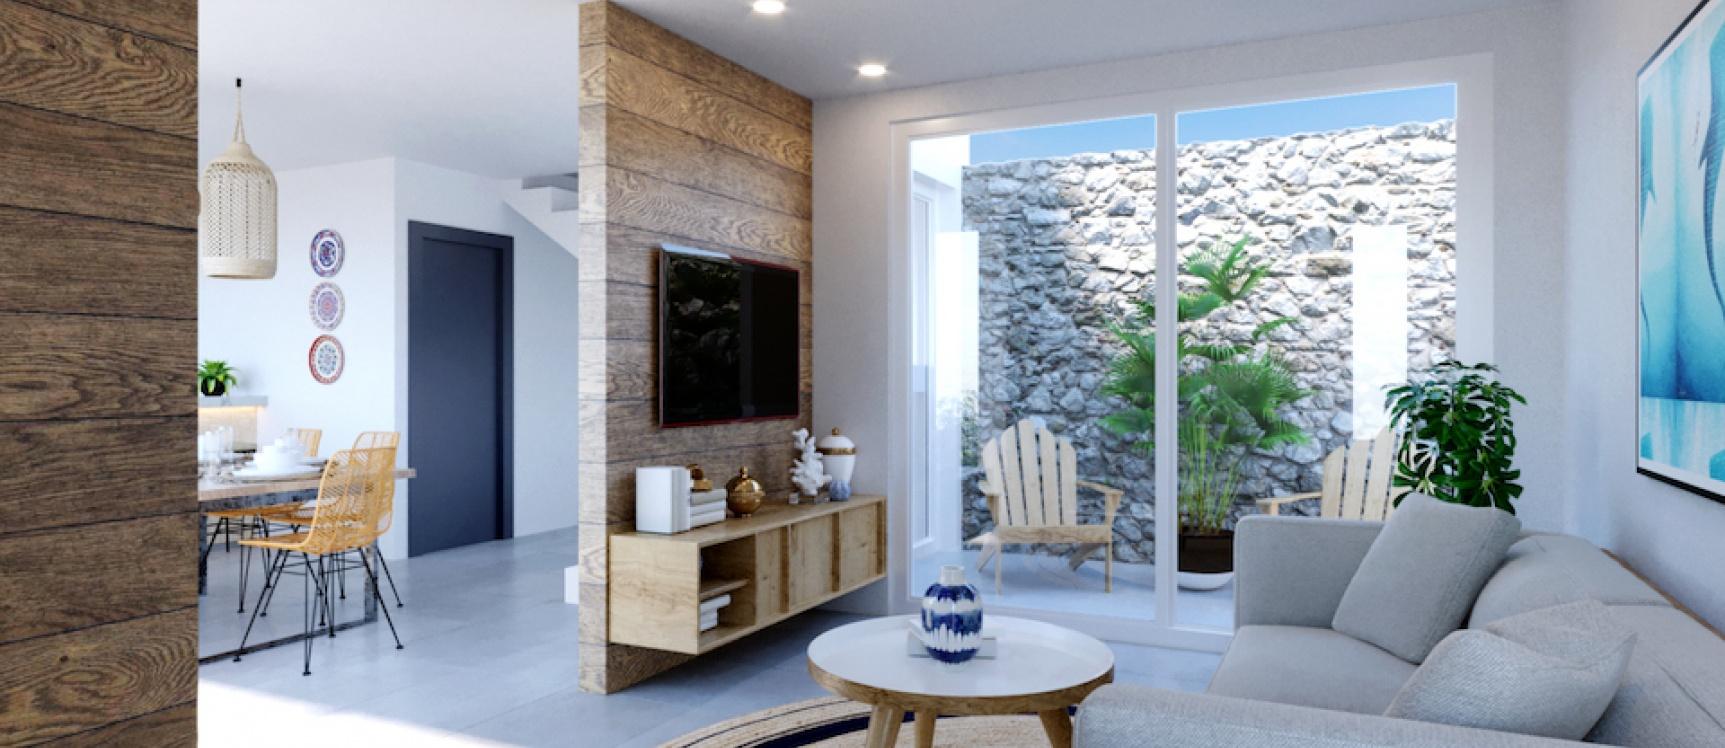 GeoBienes - A3 Beach House Unifamiliar - Plusvalia Guayaquil Casas de venta y alquiler Inmobiliaria Ecuador